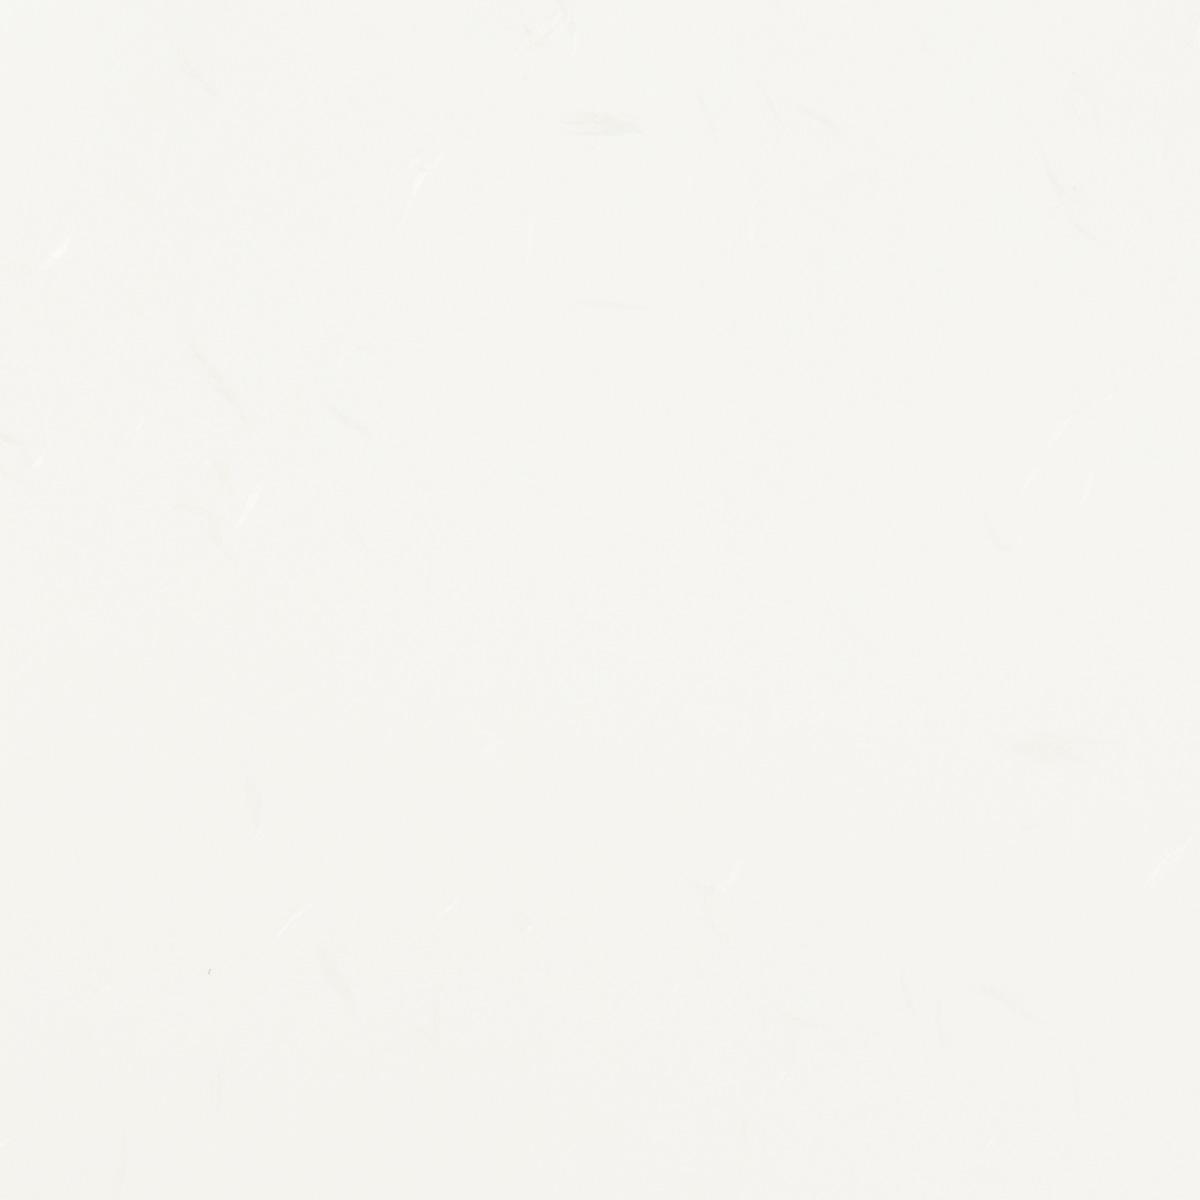 月華ニューカラー B4サイズ(50枚入) No.37 ホワイト